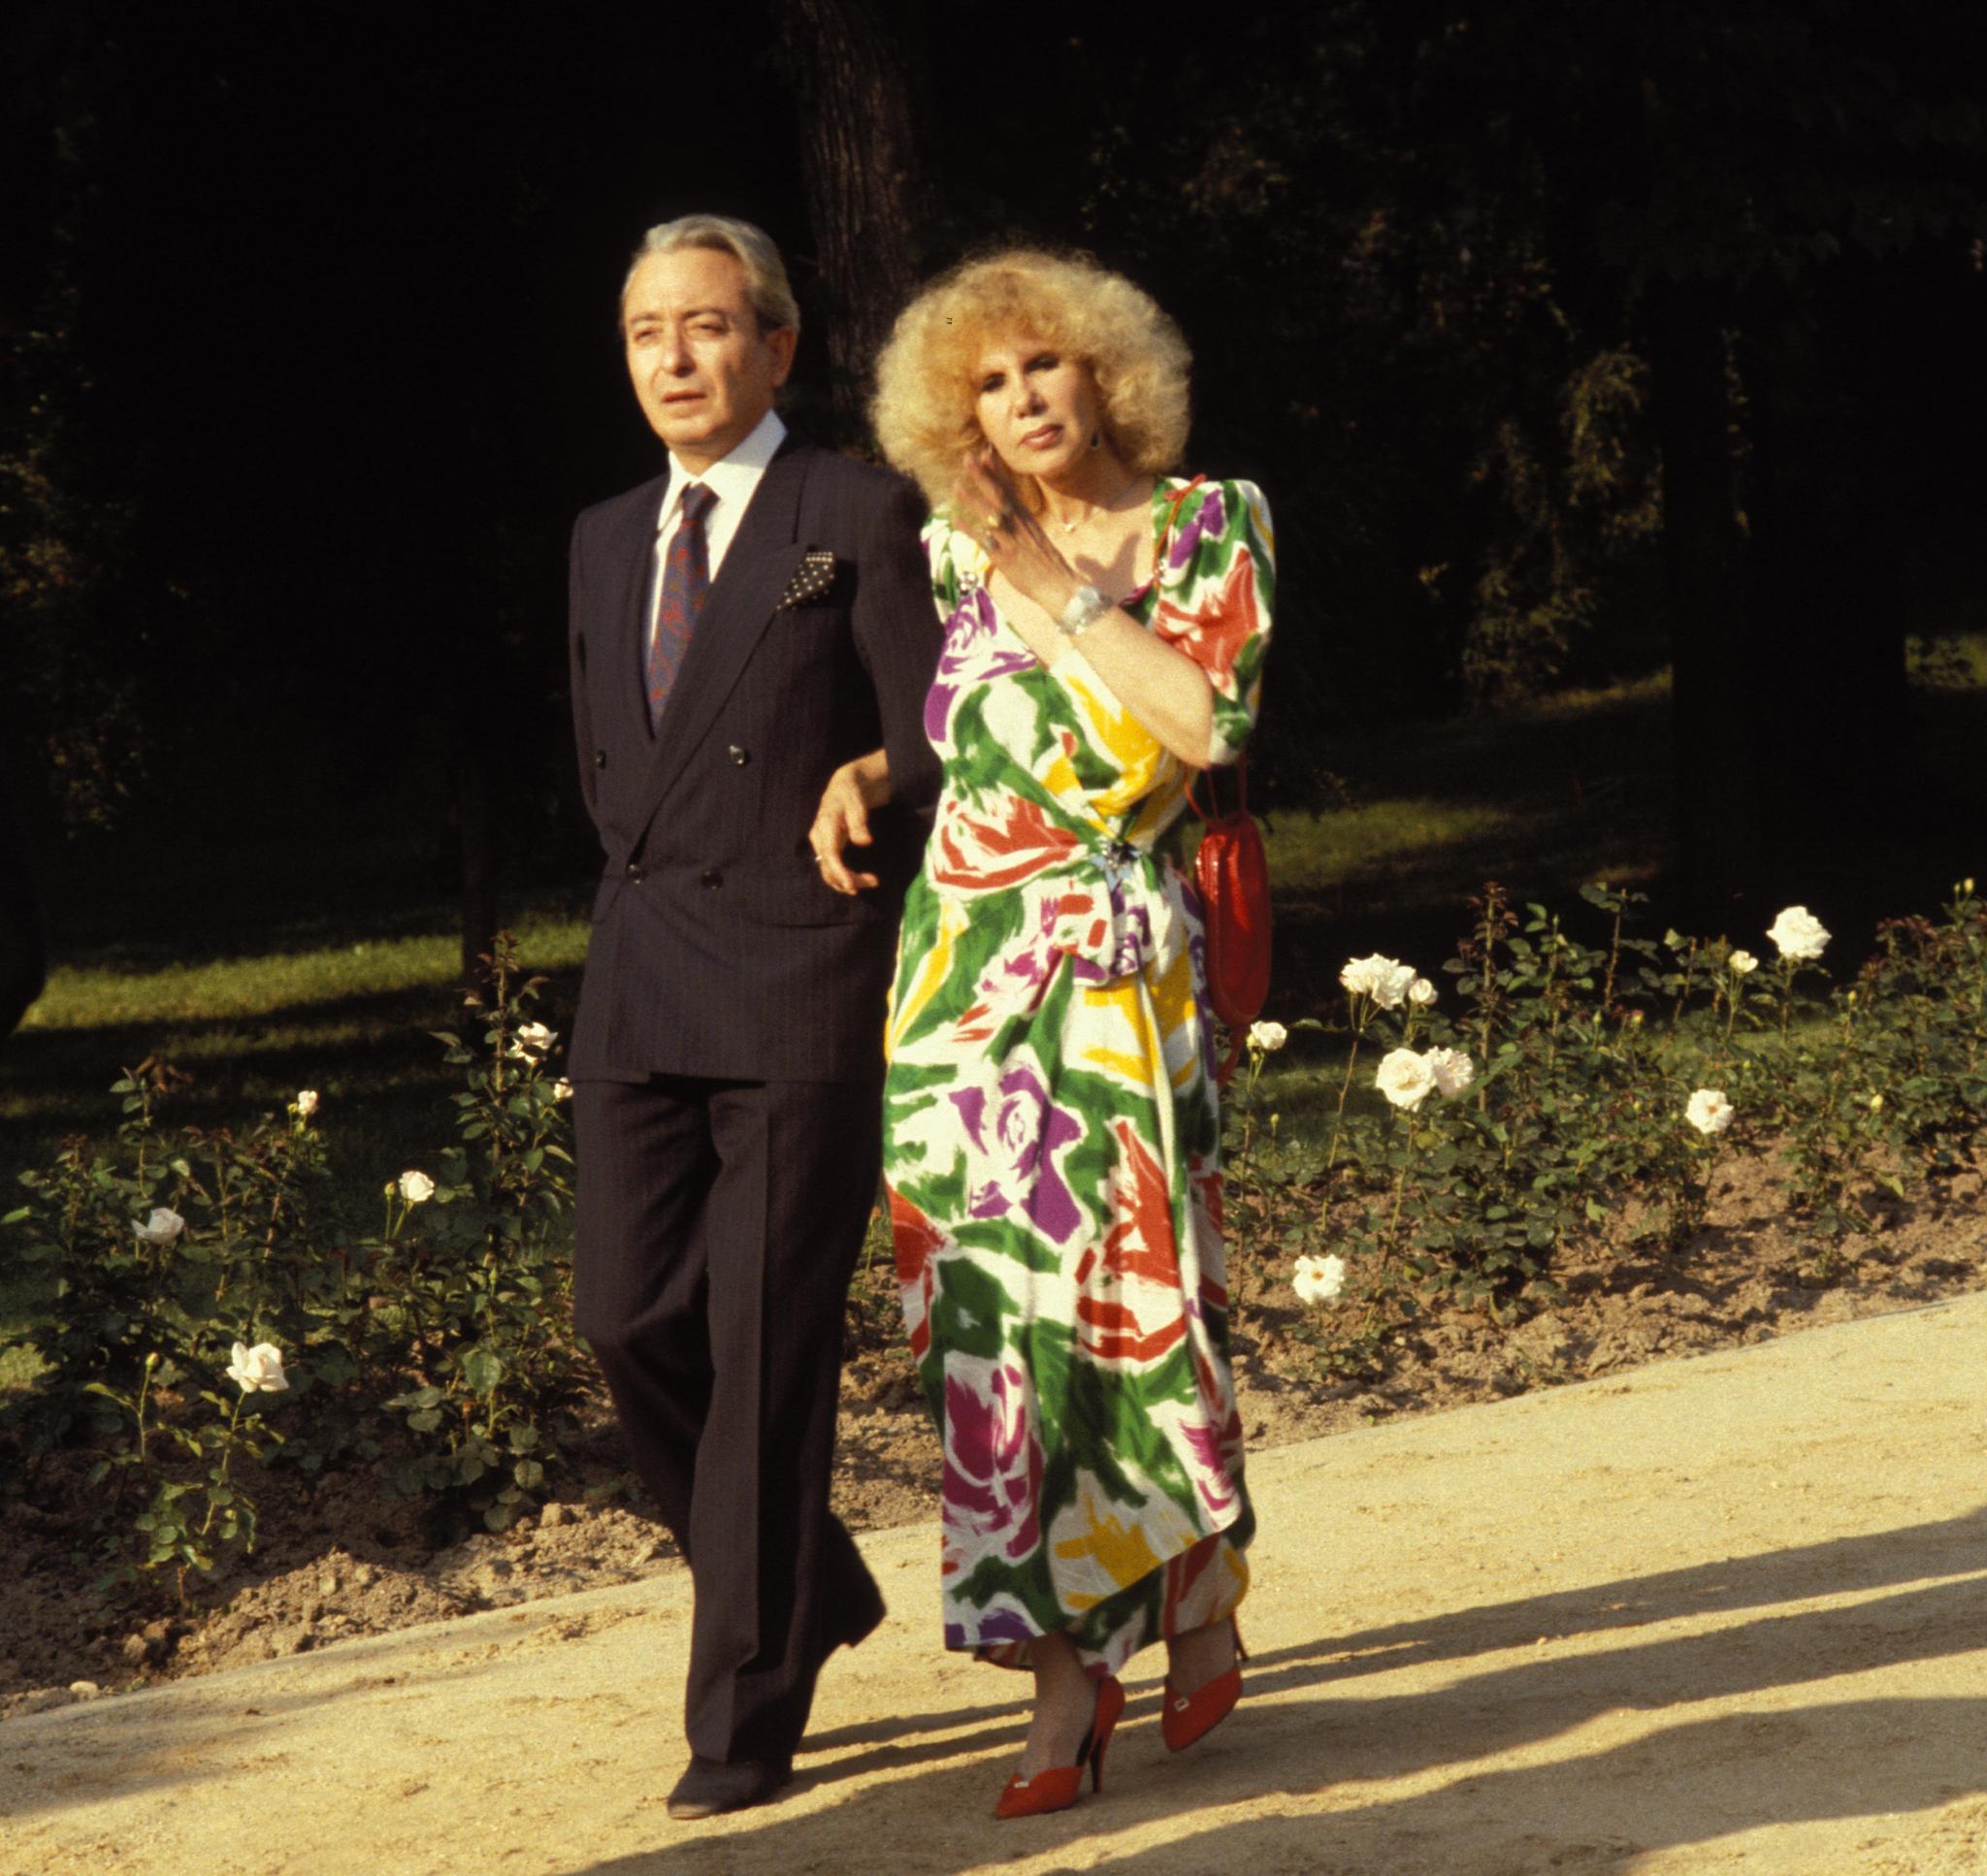 El matrimonio, en los años 80.